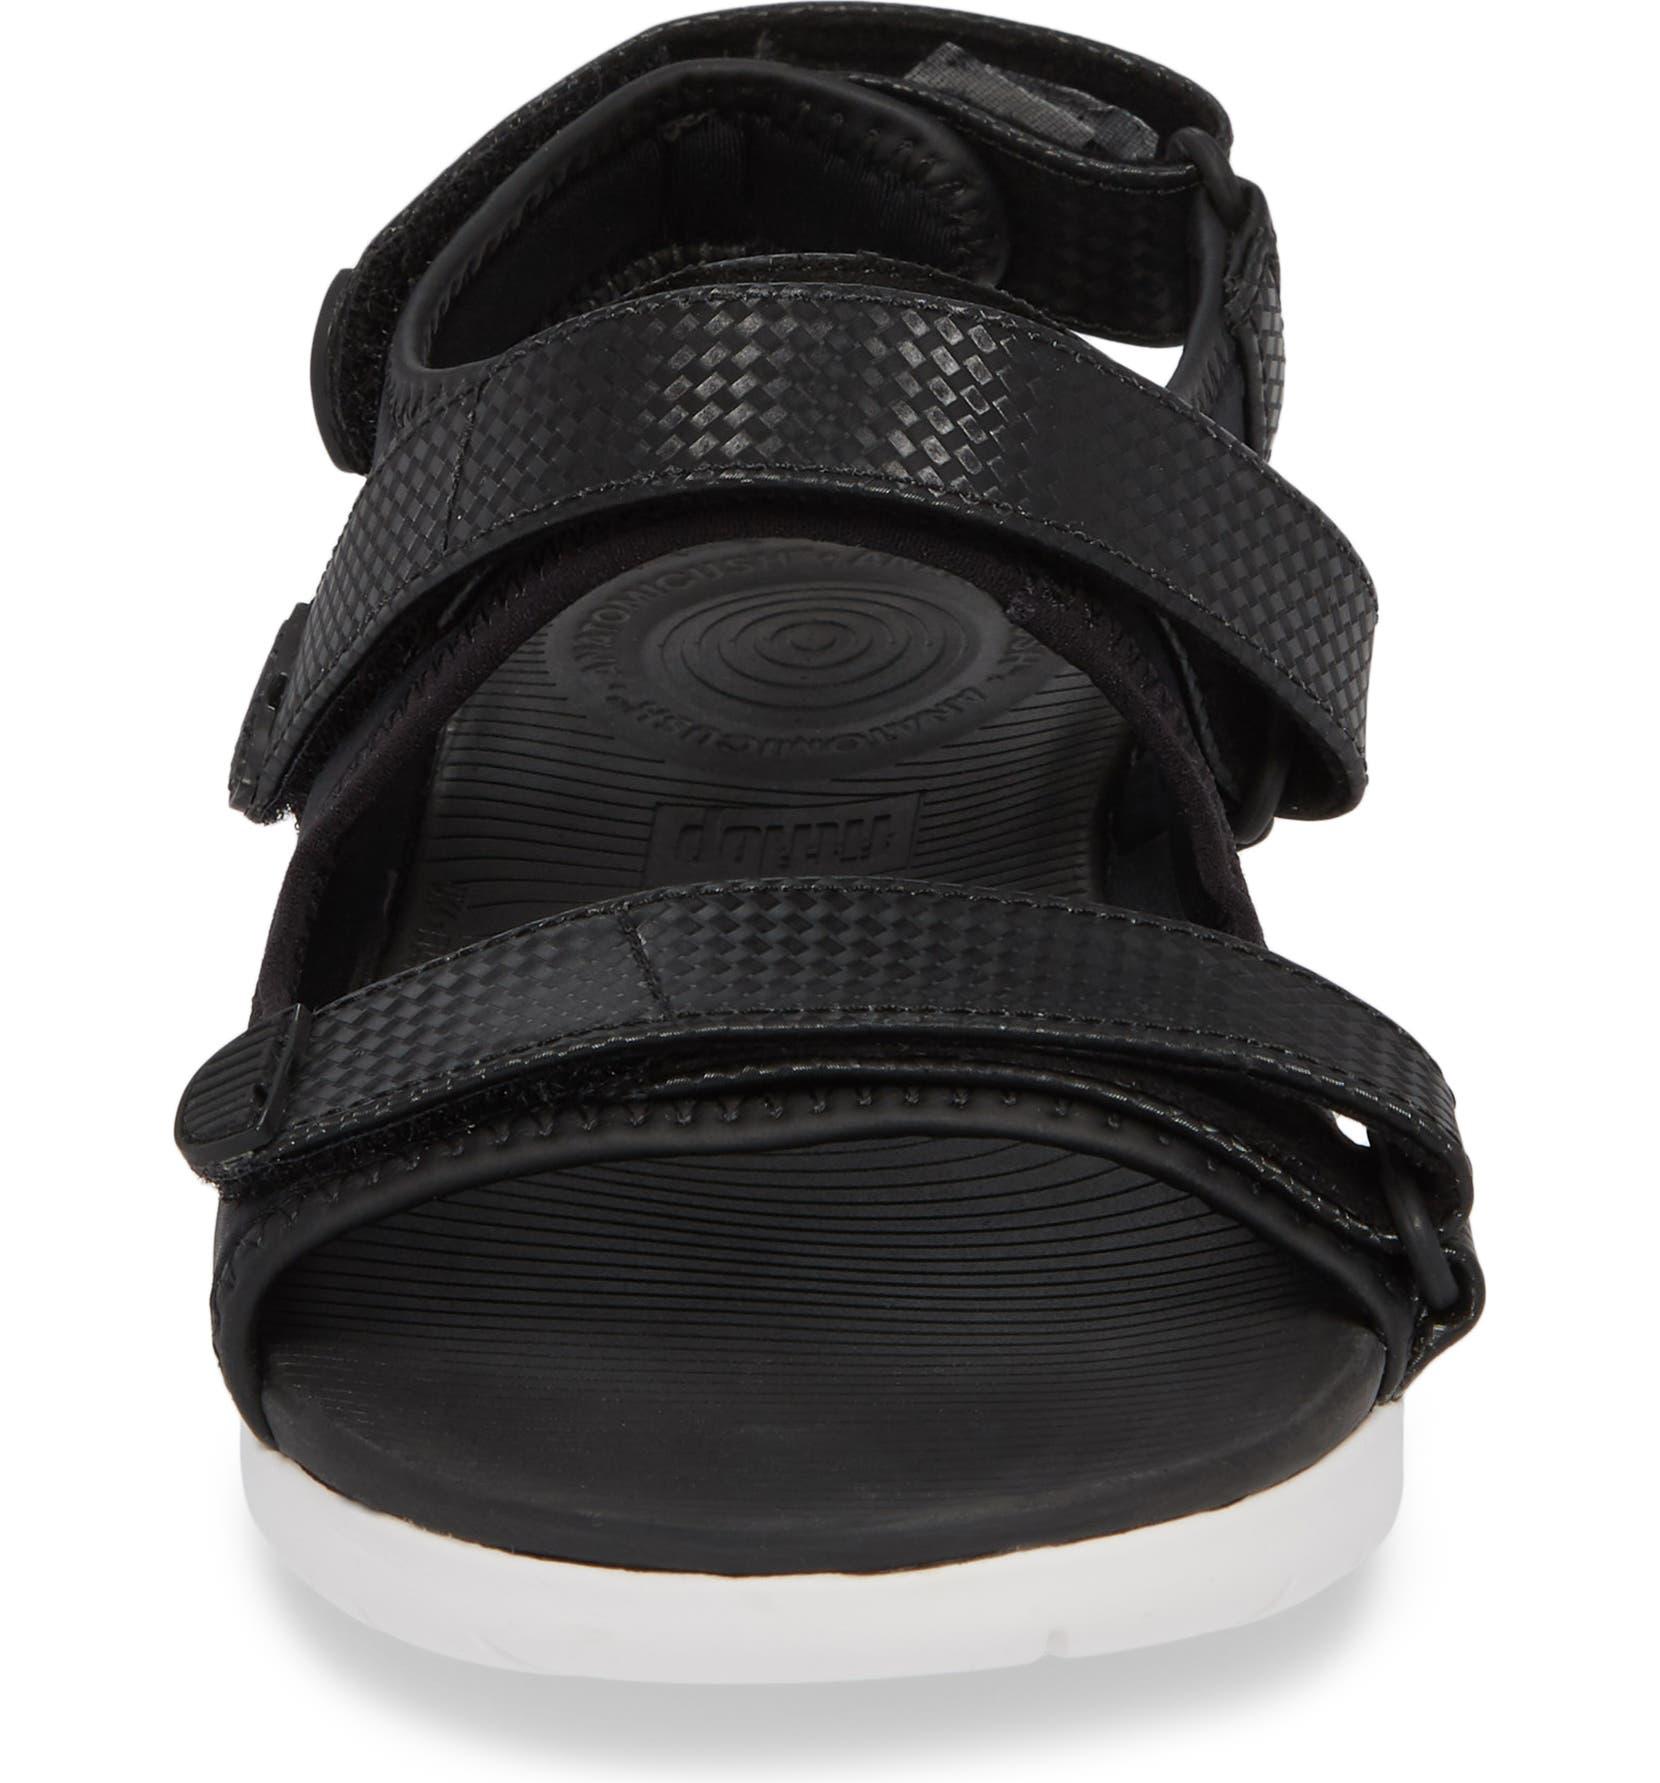 3212b33bd998 FitfFlop Neoflex™ Back Strap Sandal (Women)